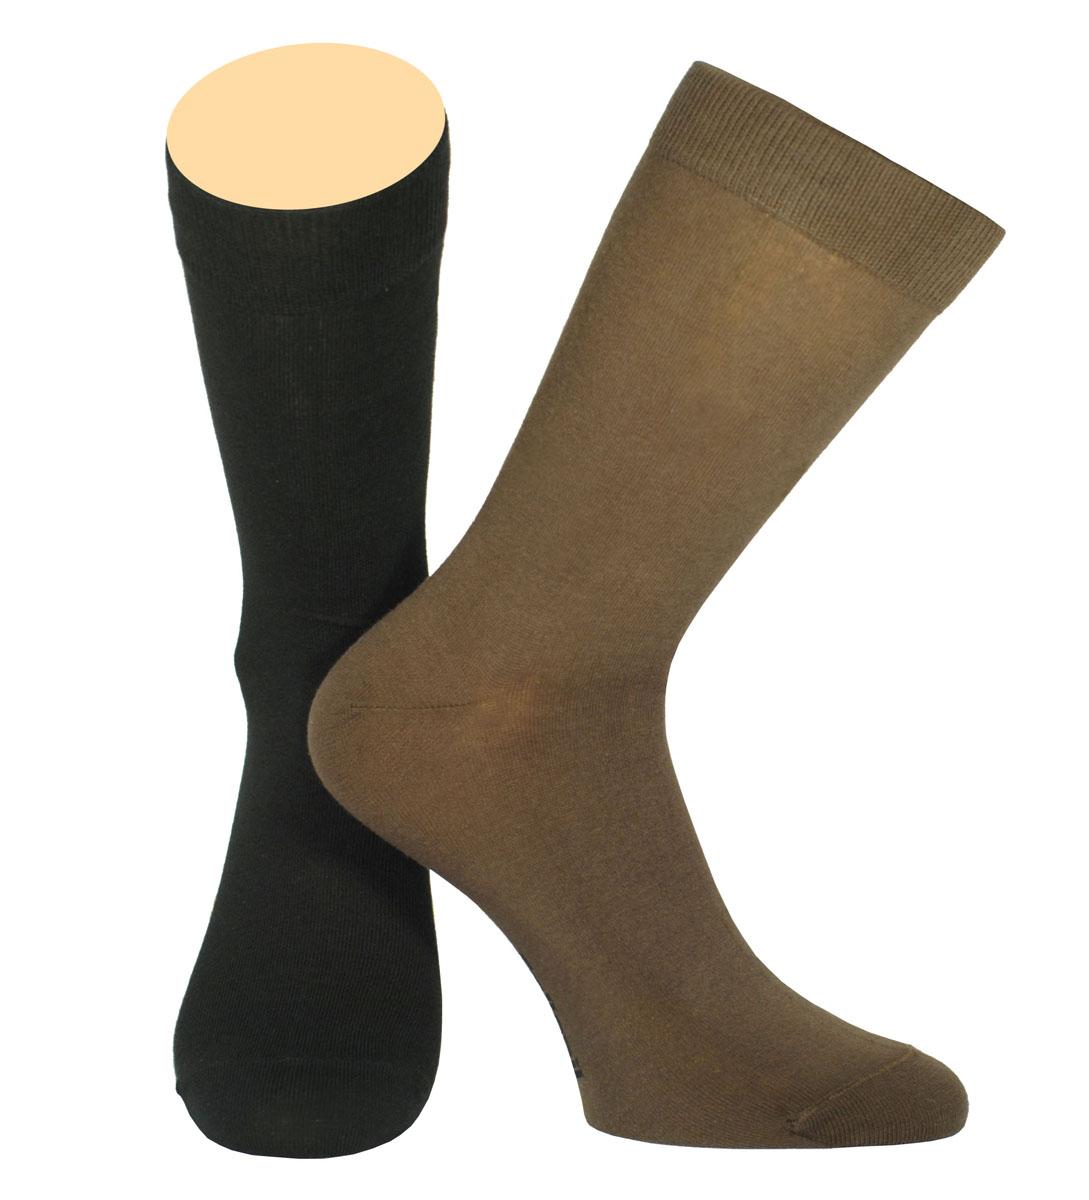 Носки мужские Collonil, цвет: черный, коричневый, 2 пары. CE3-40/06. Размер 39-41CE3-40/06Мужские носки Collonil изготовлены из эластичного хлопка с добавлением полиамида.Удлиненная широкая резинка не сдавливает и комфортно облегает ногу.В комплекте 2 пары.